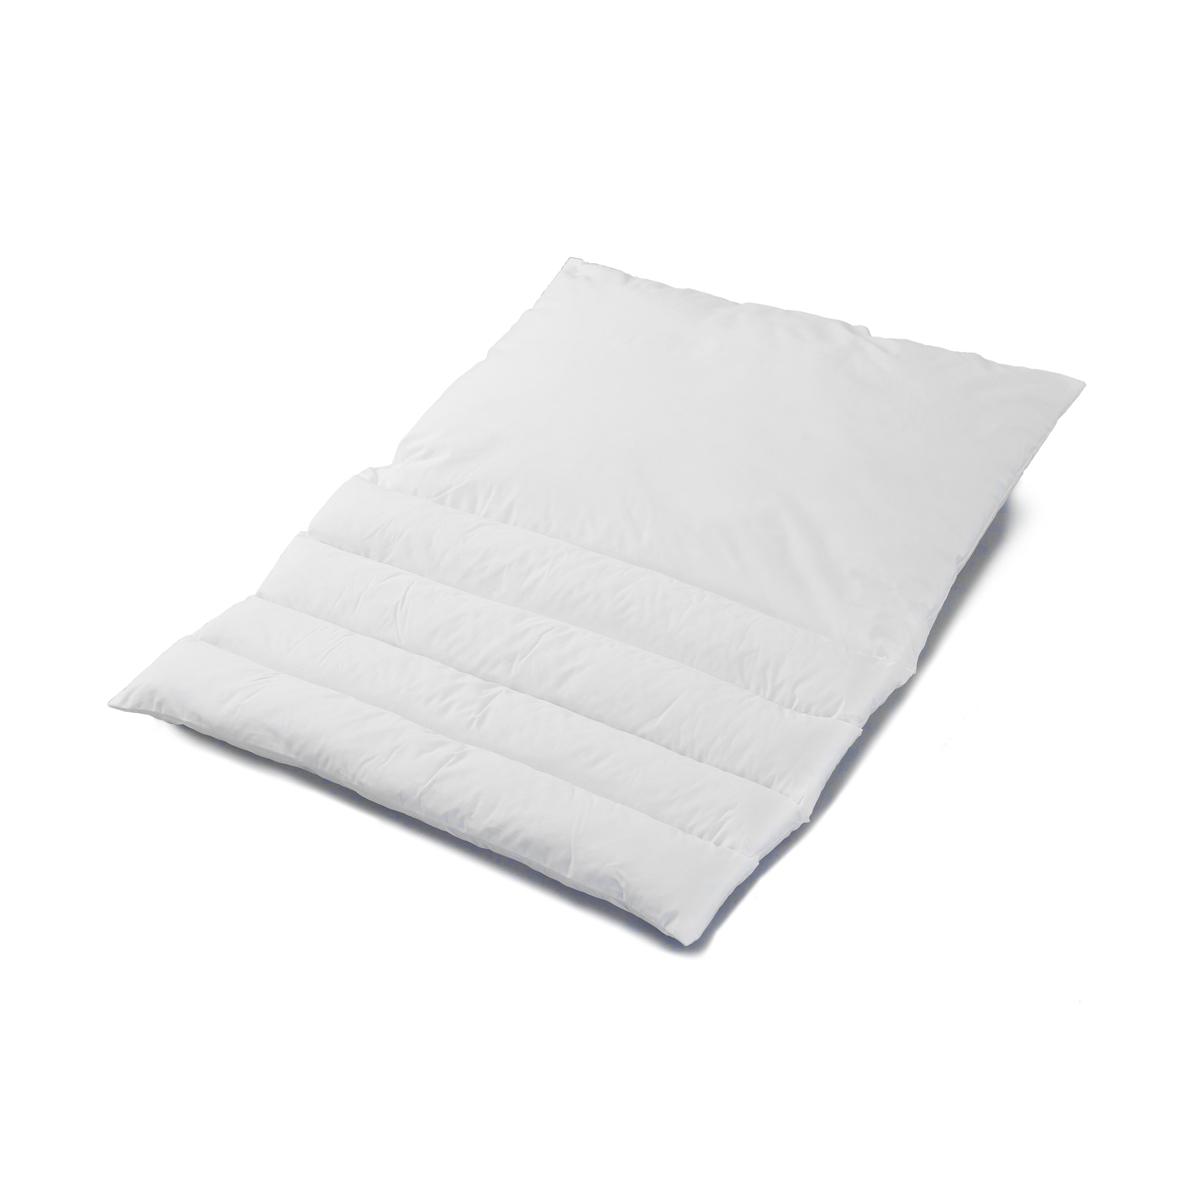 老舗医療寝具メーカーが開発する「まくら」|理想のまくらは、首すじのスキマを埋めてくれるもの - あなたの体型や睡眠環境に合わせて、形と感触を調節できる至福のまくら | PILLOW ME